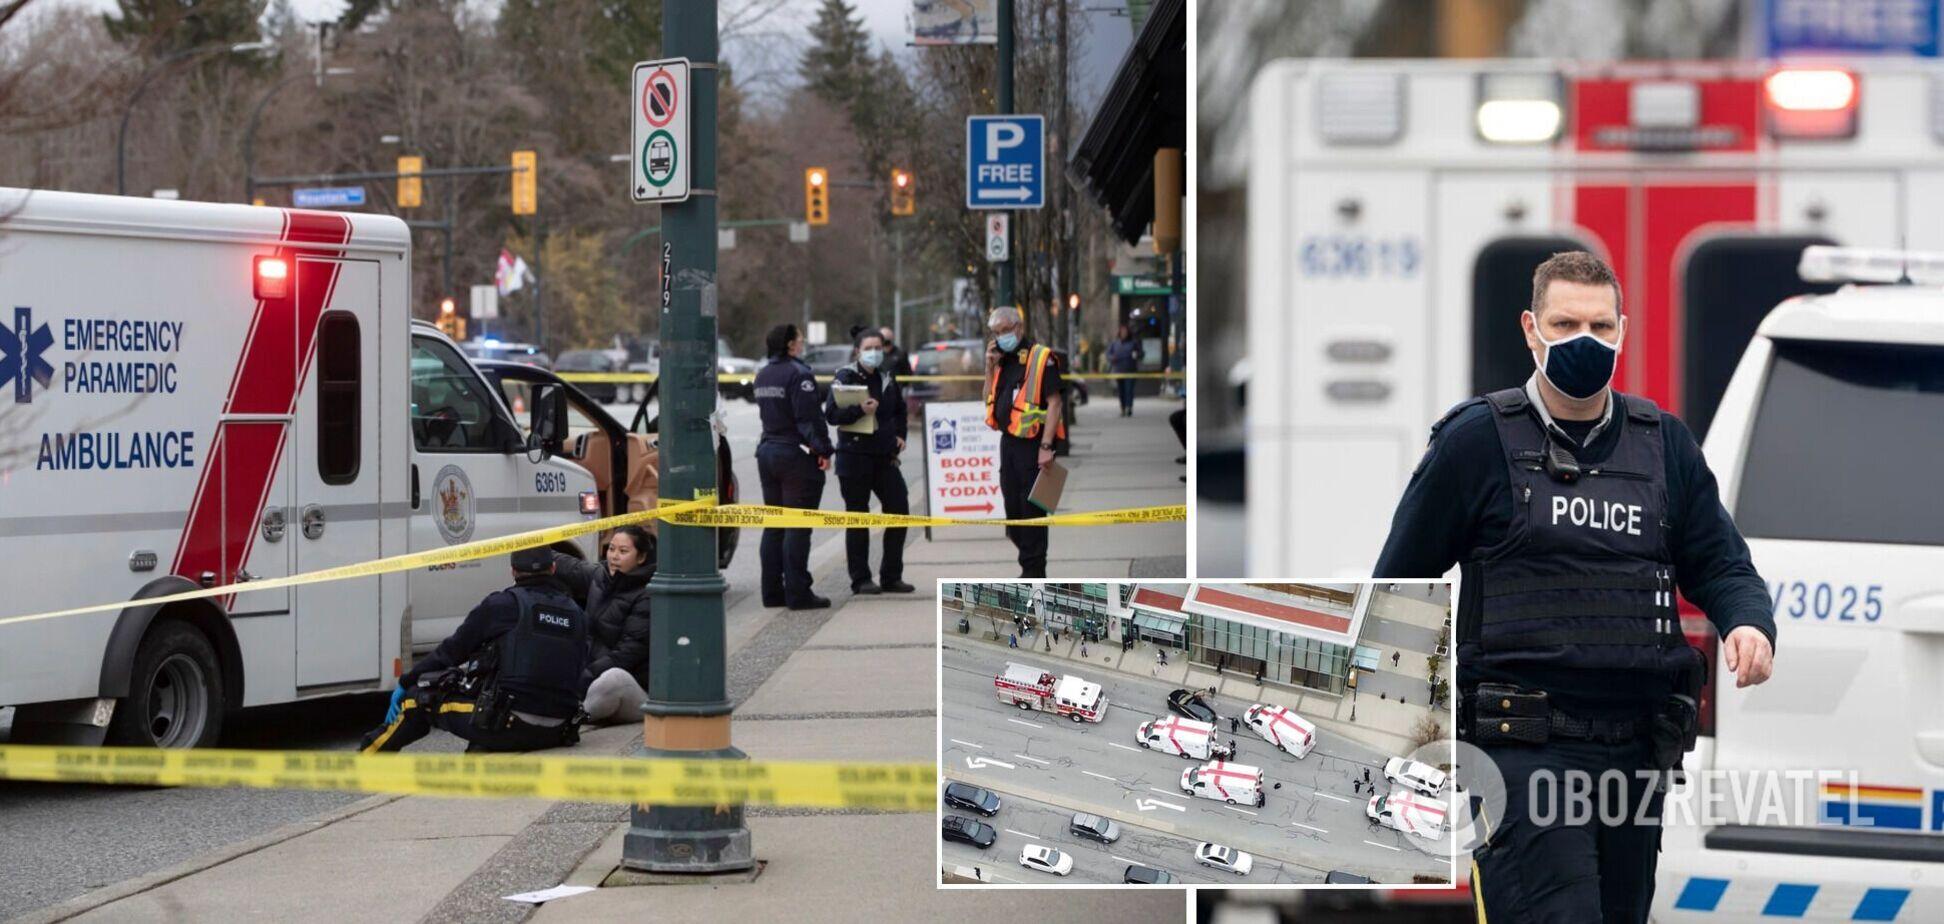 В Канаде парень напал на людей в библиотеке, есть жертва и много раненых. Фото